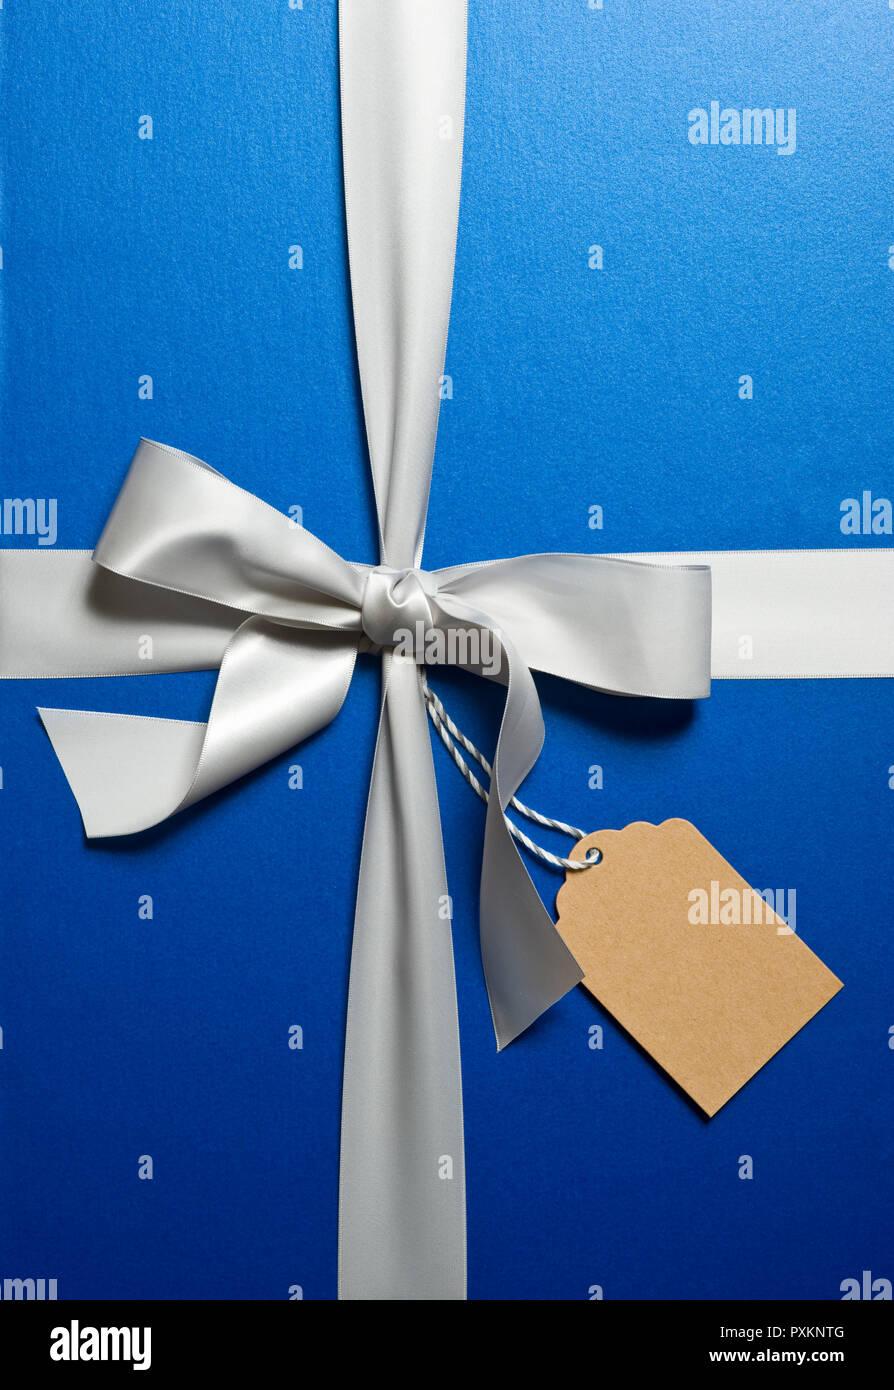 Un cadeau emballé dans du papier bleu et du ruban argent avec étiquette cadeau Banque D'Images